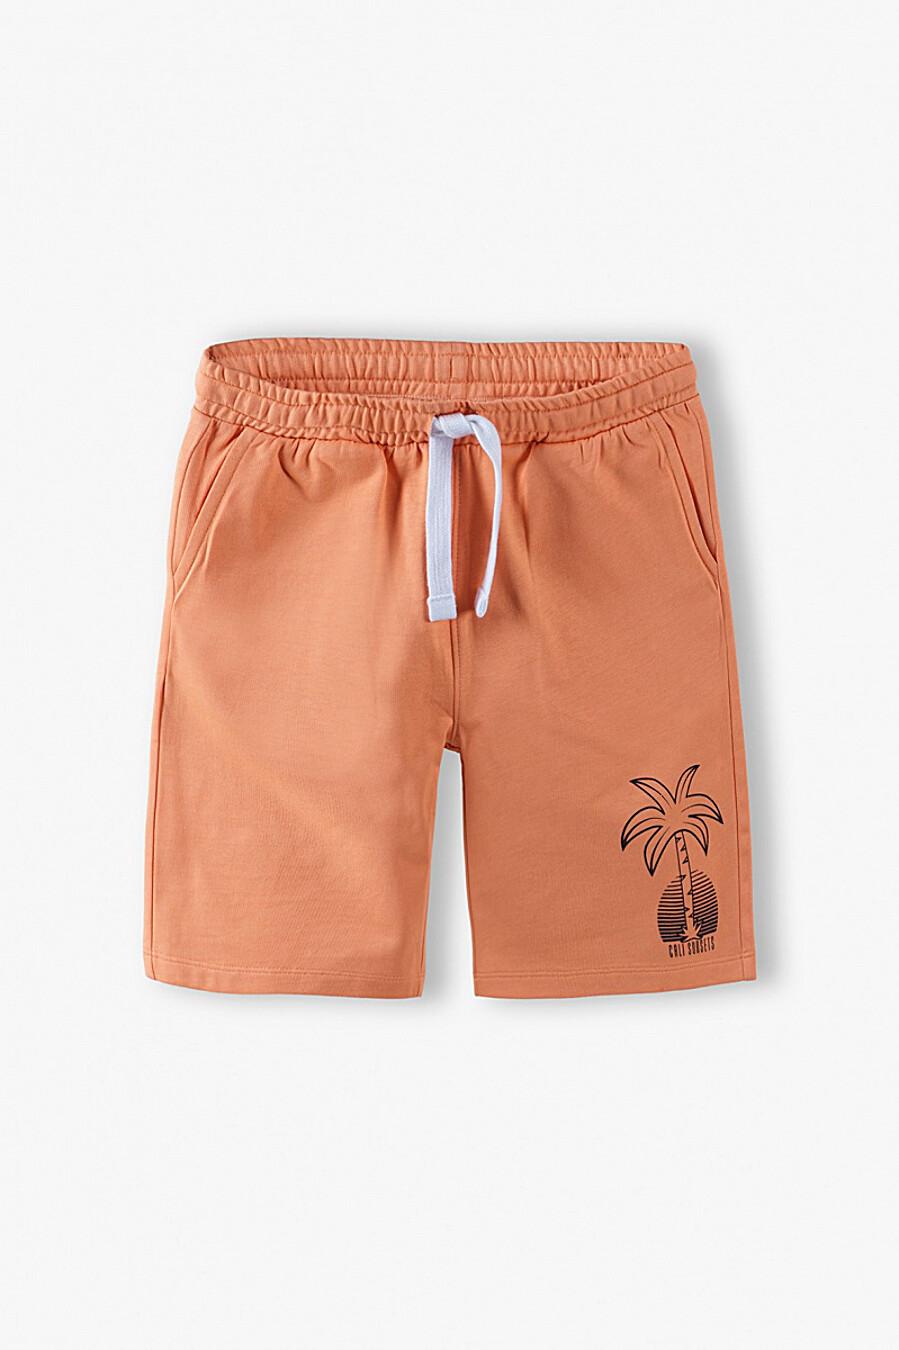 Шорты для мальчиков 5.10.15 668578 купить оптом от производителя. Совместная покупка детской одежды в OptMoyo